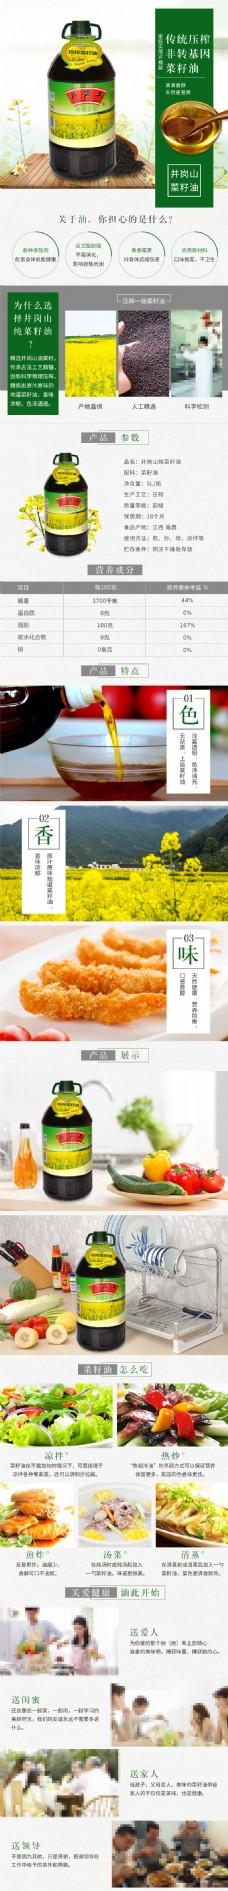 菜籽油详情页